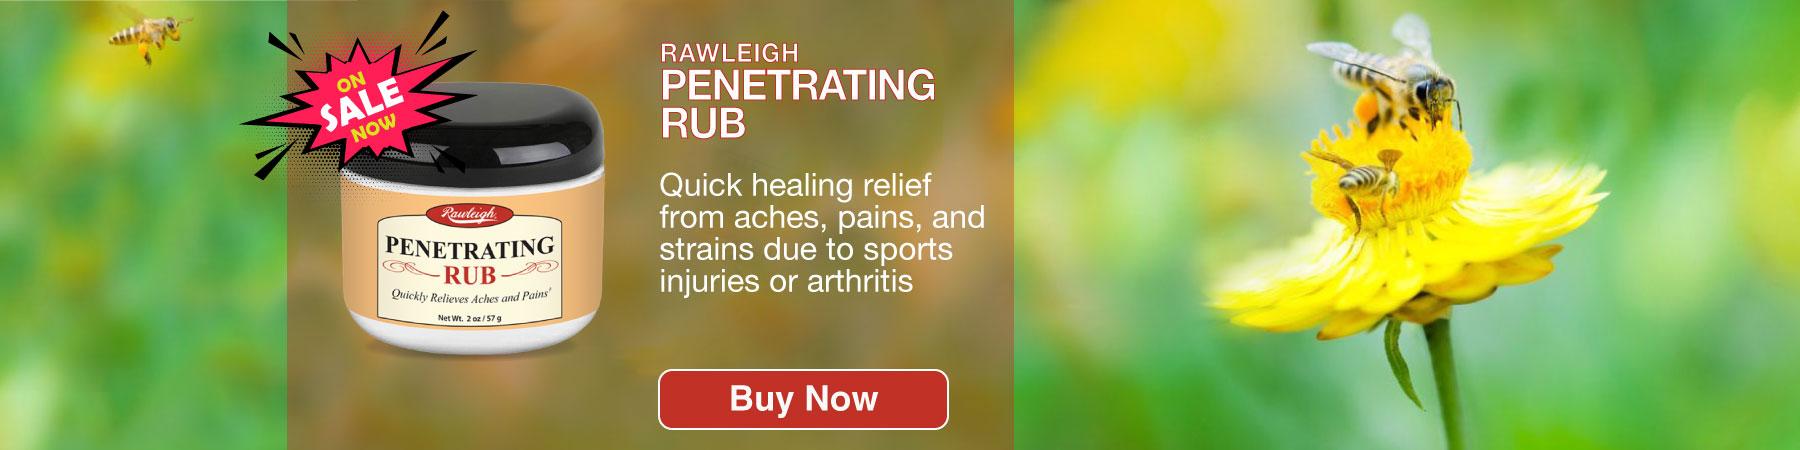 Penetrating Rub